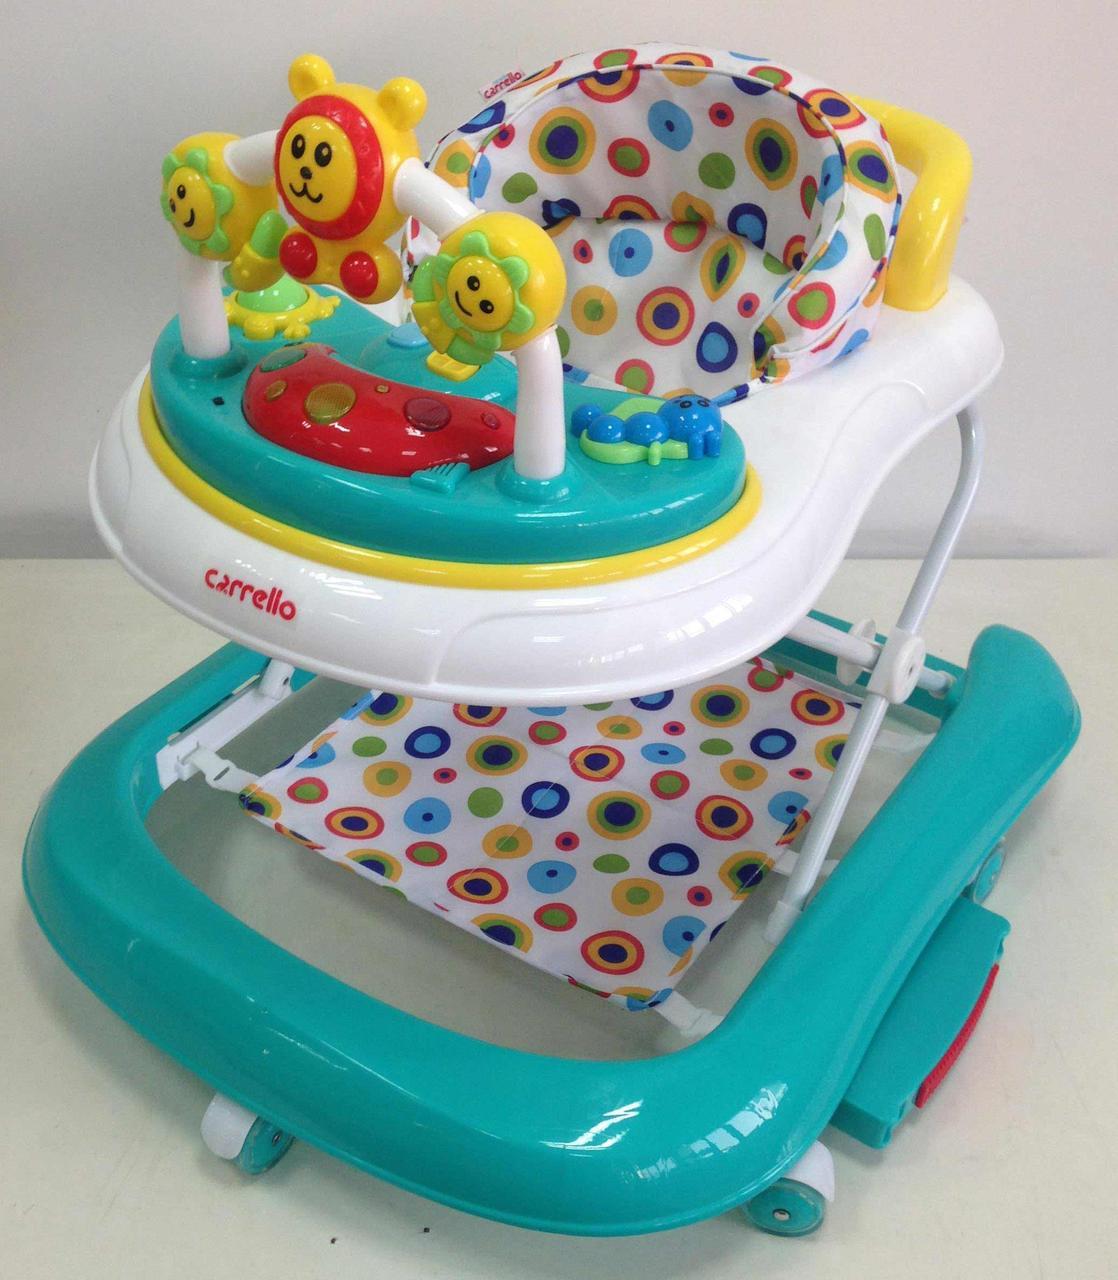 Детские ходунки 3в1 (ходунки/качалка/каталка) Carrello Libero CRL-9602 Turquoise